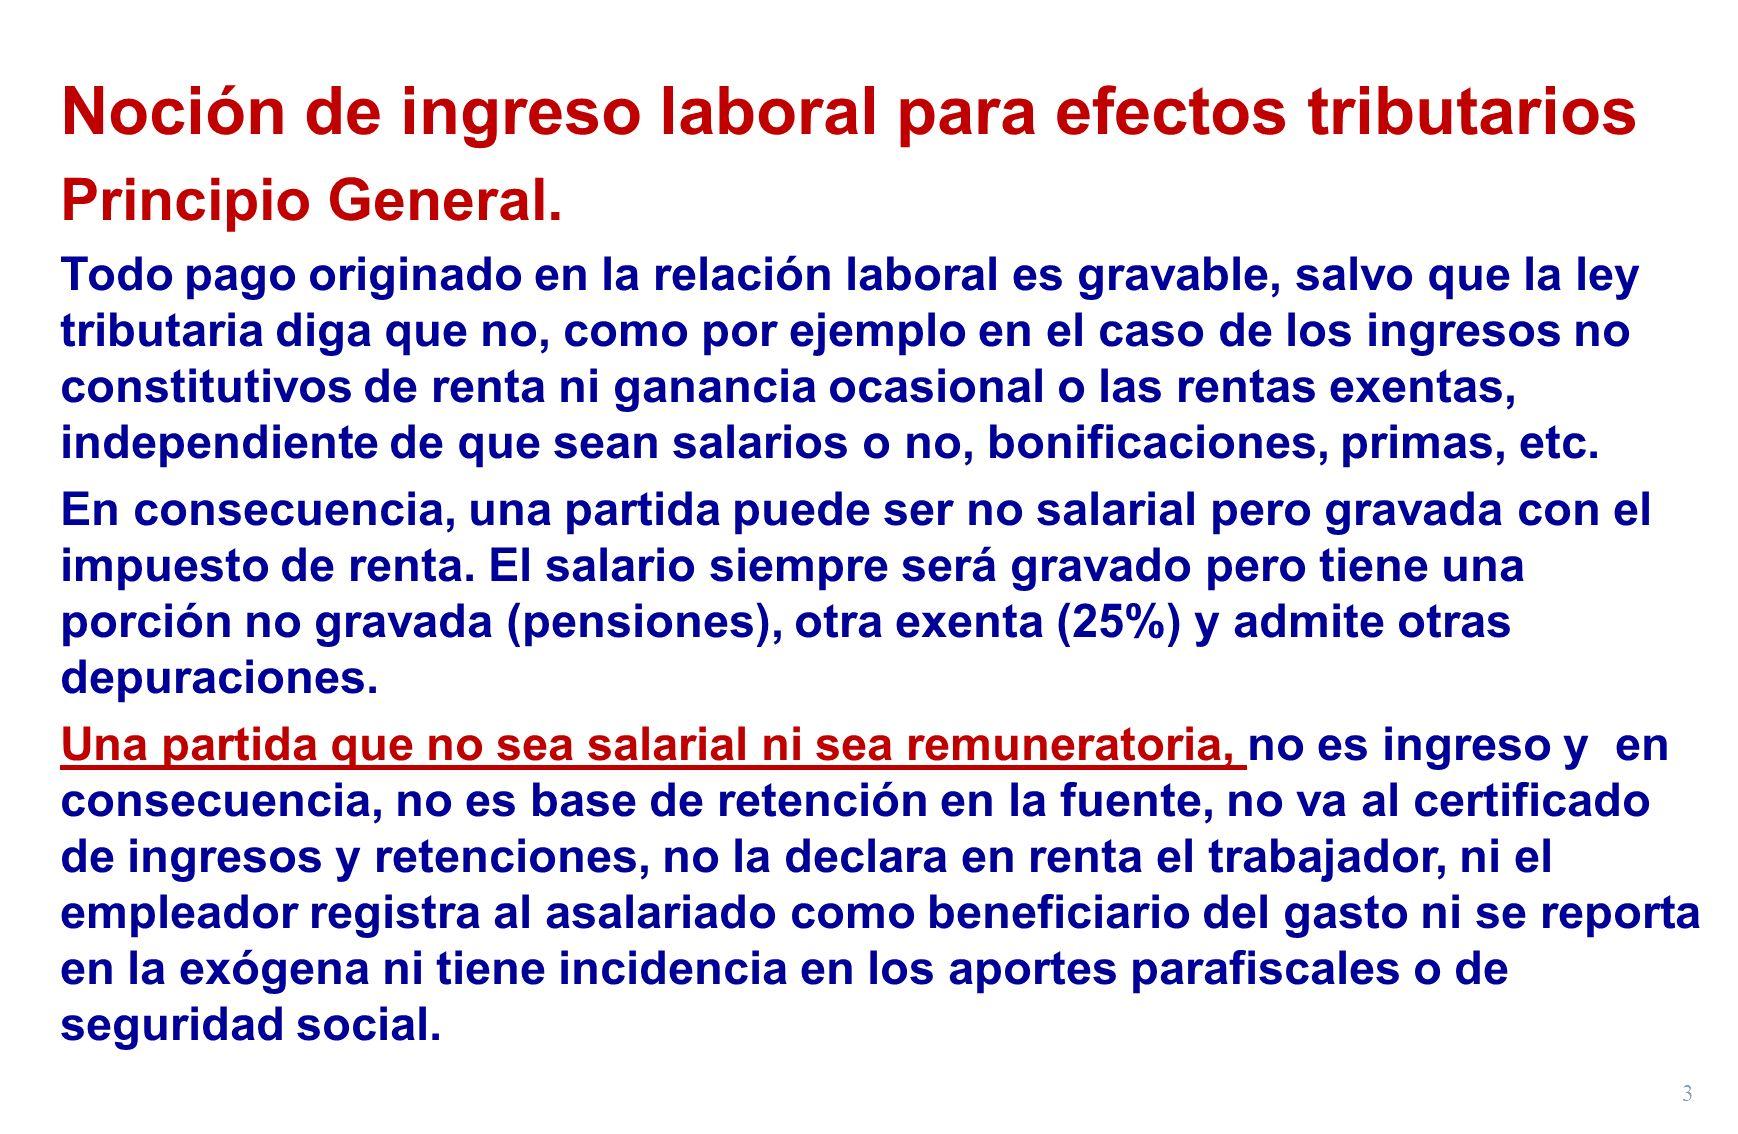 Noción de ingreso laboral para efectos tributarios